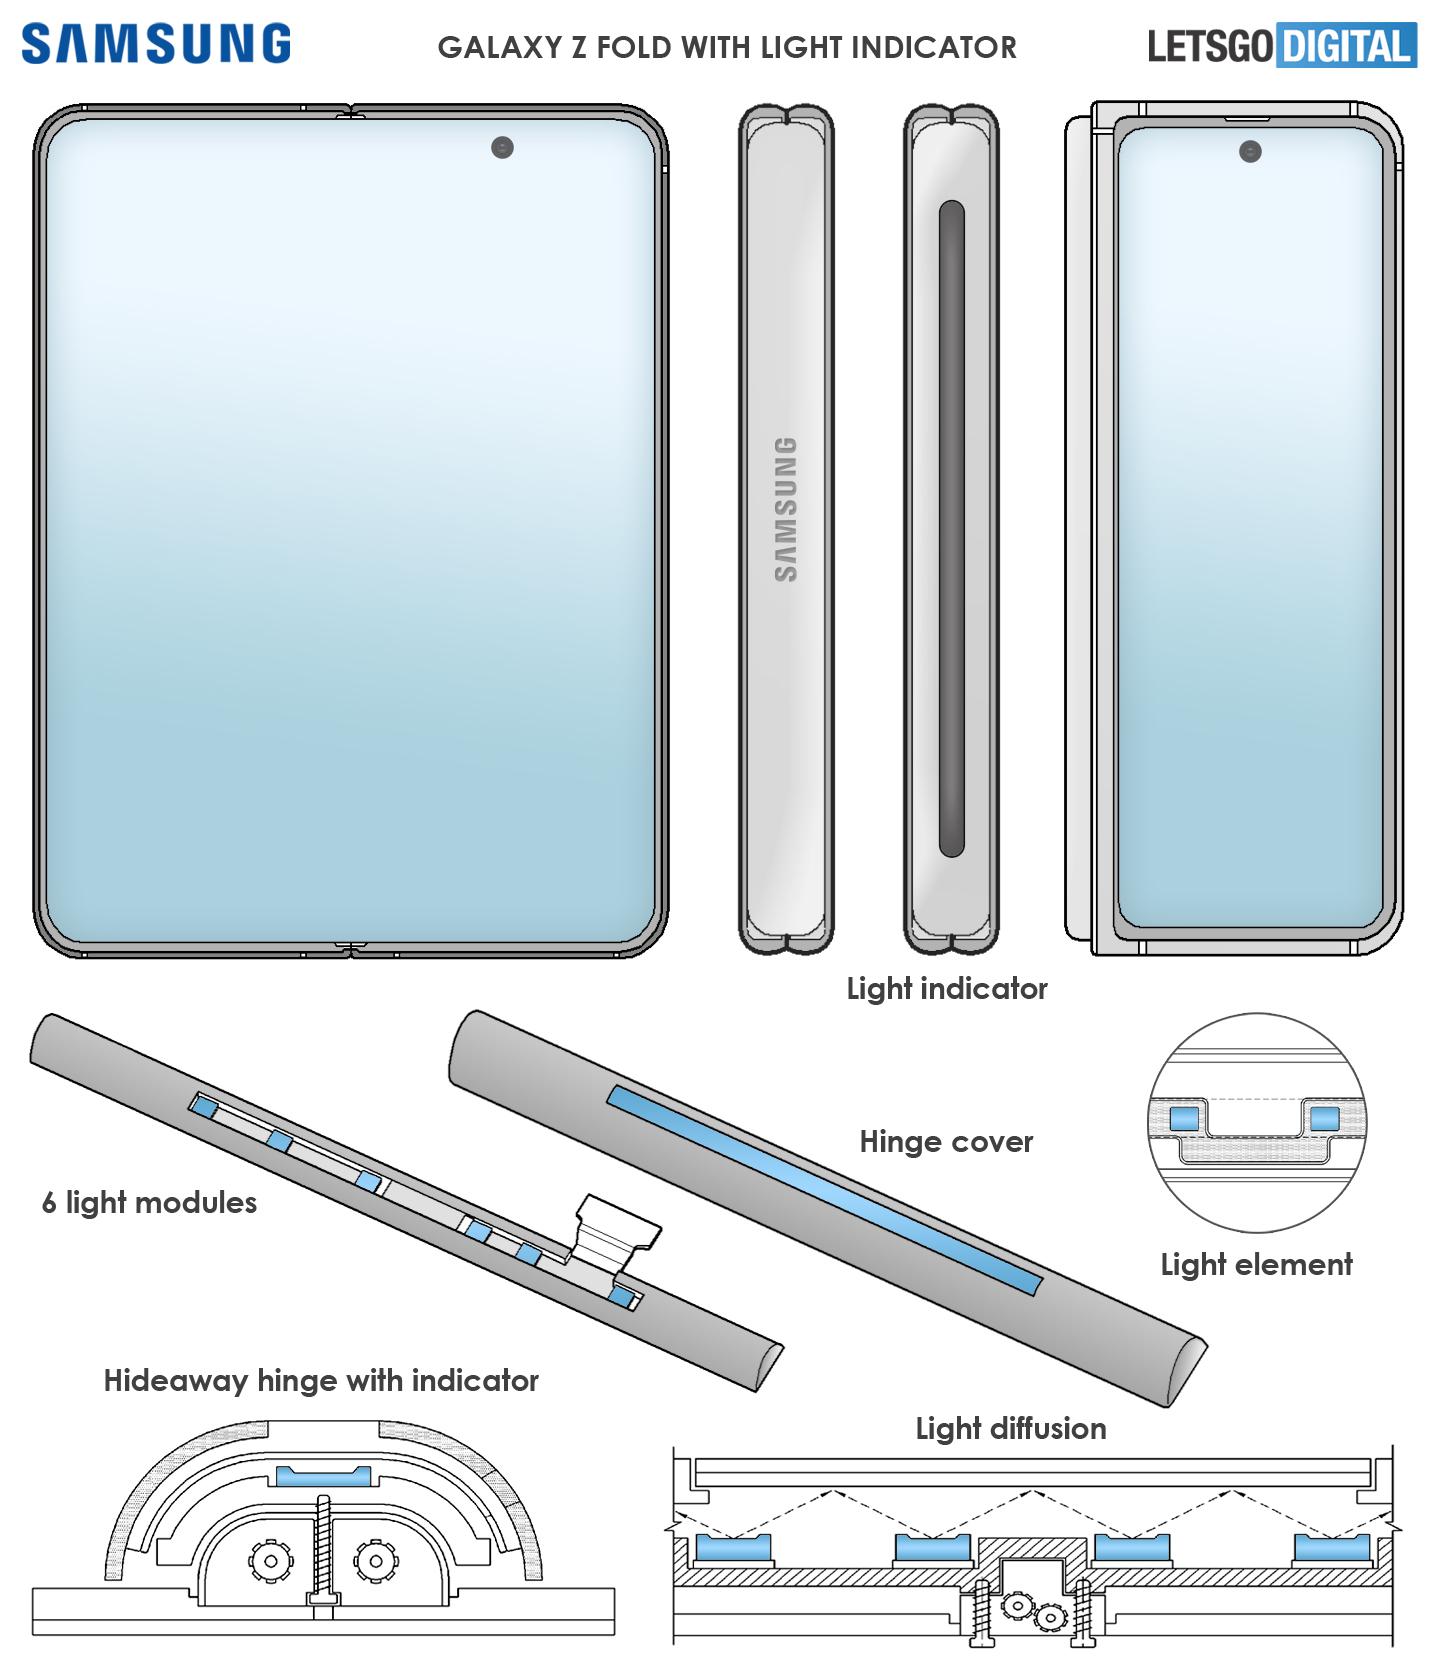 Galaxy Z Fold 3 hideaway hinge